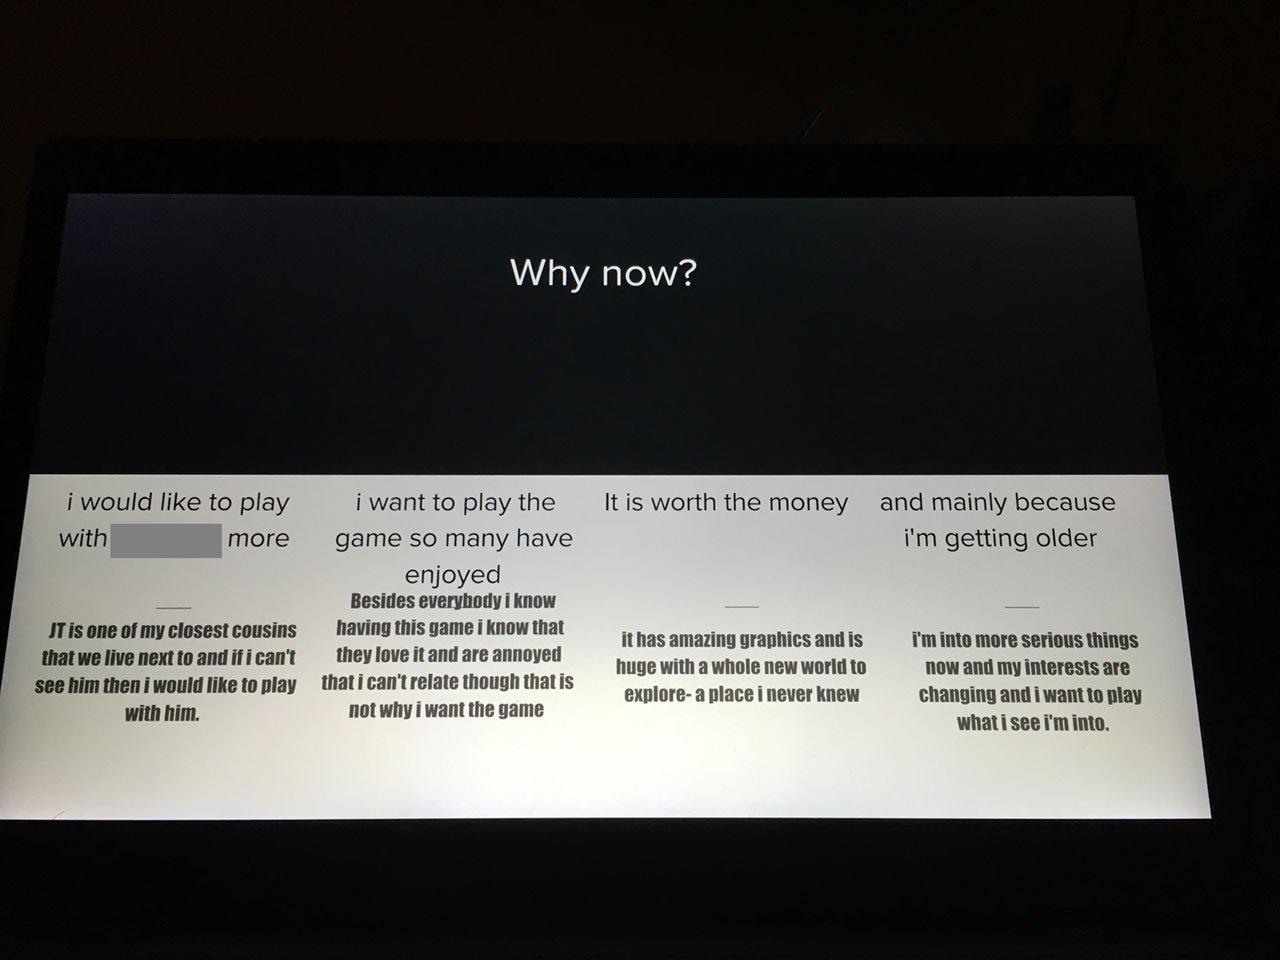 13-летний мальчик убедил родителей купить ему GTA V с помощью презентации в PowerPoint - Изображение 4